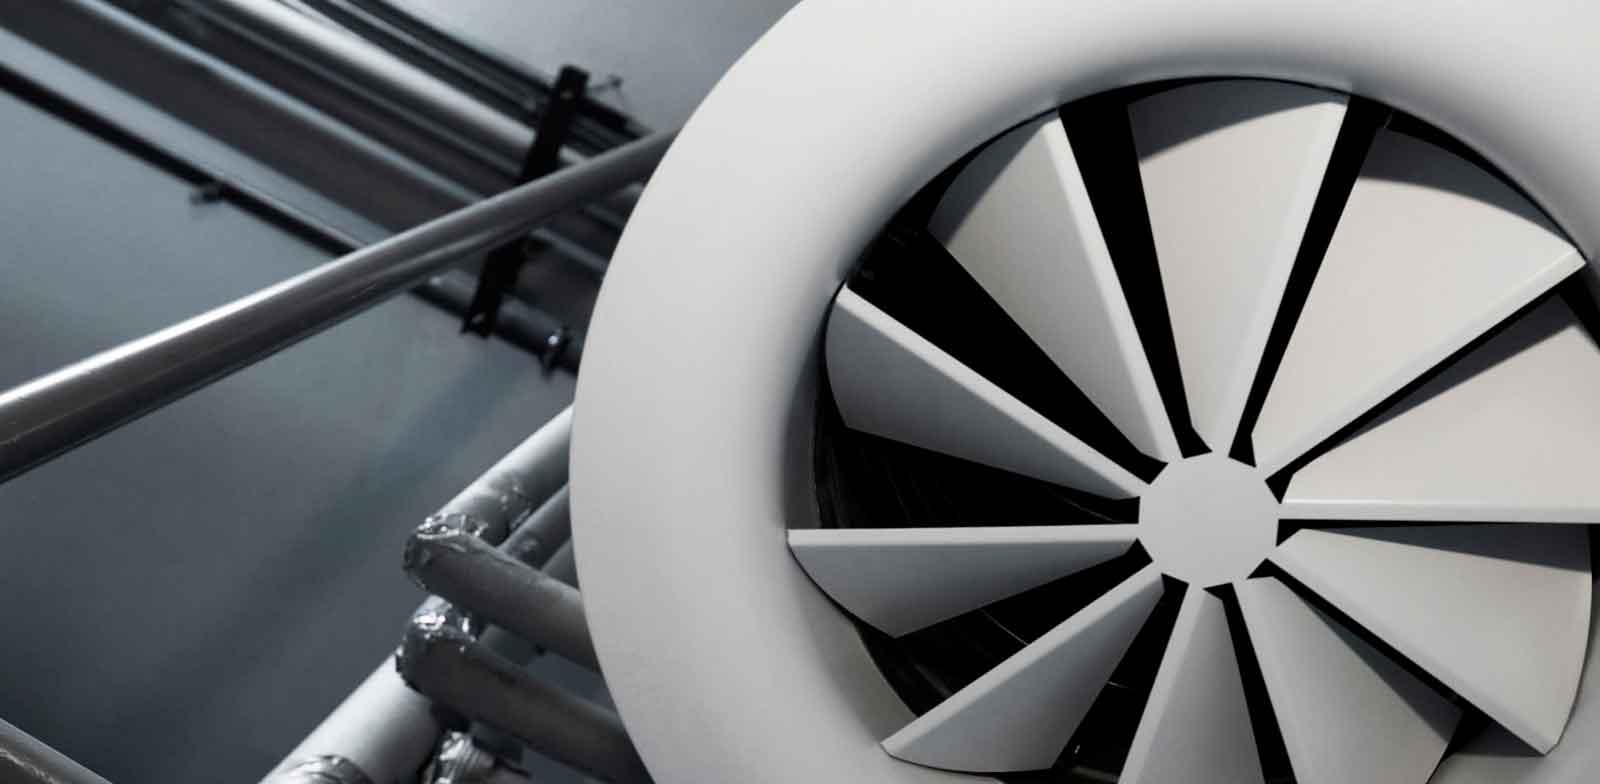 Ventilacion industrial climart